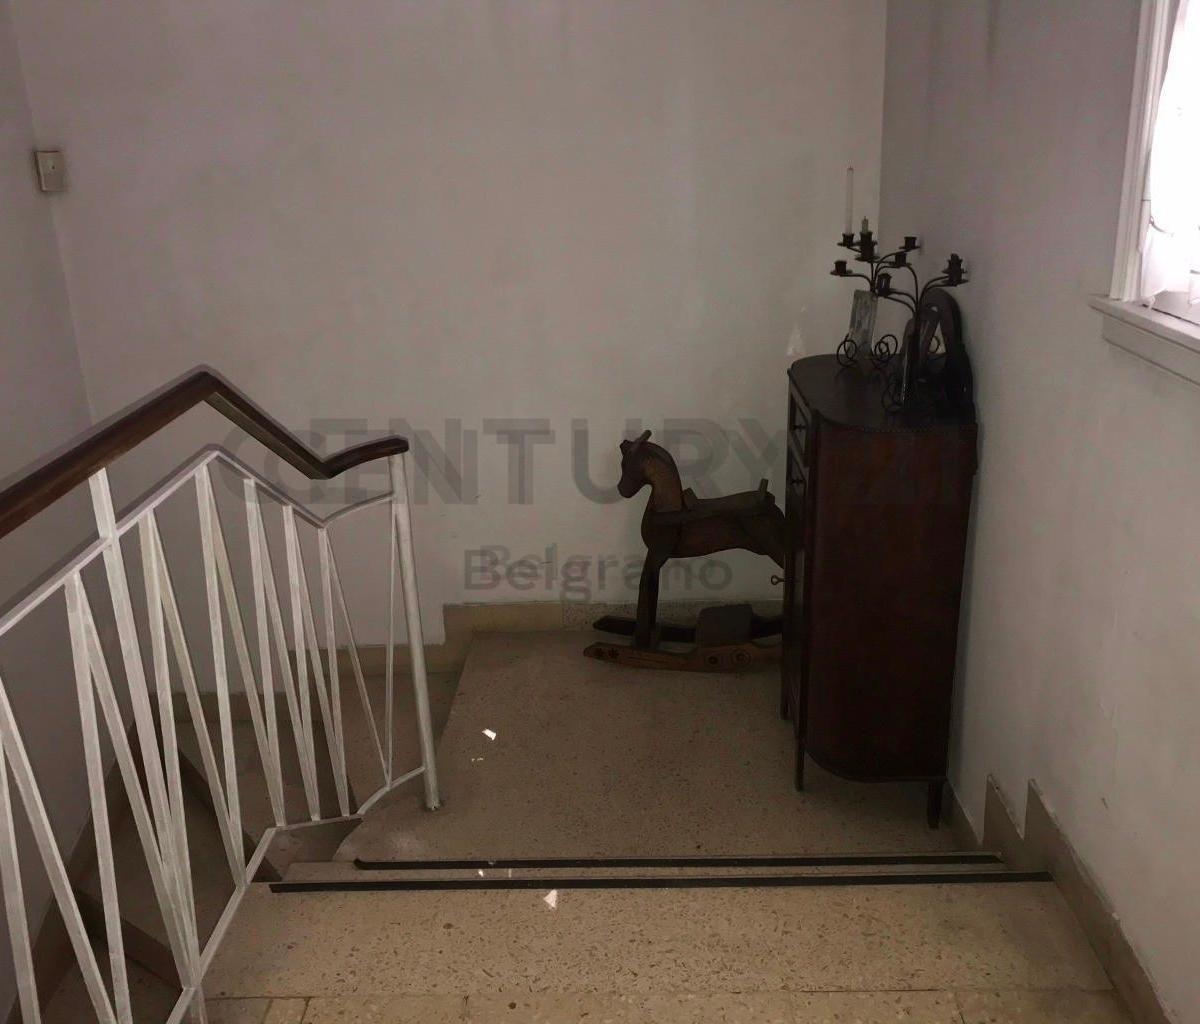 casa 5 amb. con quincho y pileta en  av. alsina 1700, ideal para emrpendimiento